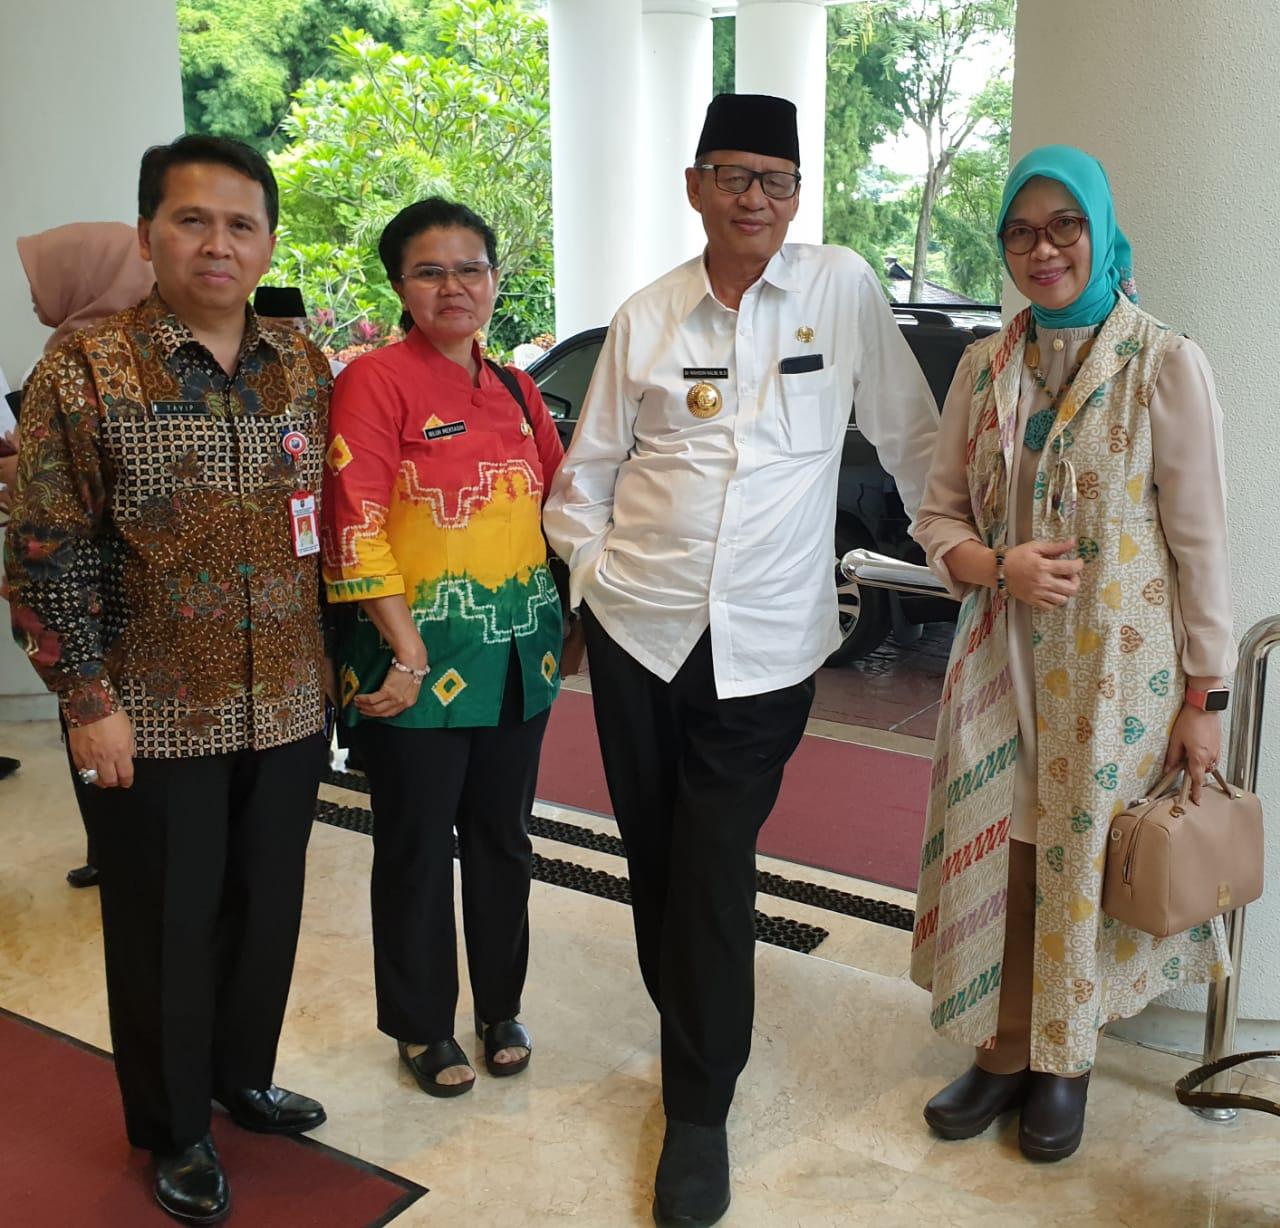 Bersama Gubernur Banten dan Direktur PIAK ditjen dukcapil kemendagri, Setelah Hearing dengan Komisi II DPR RI.